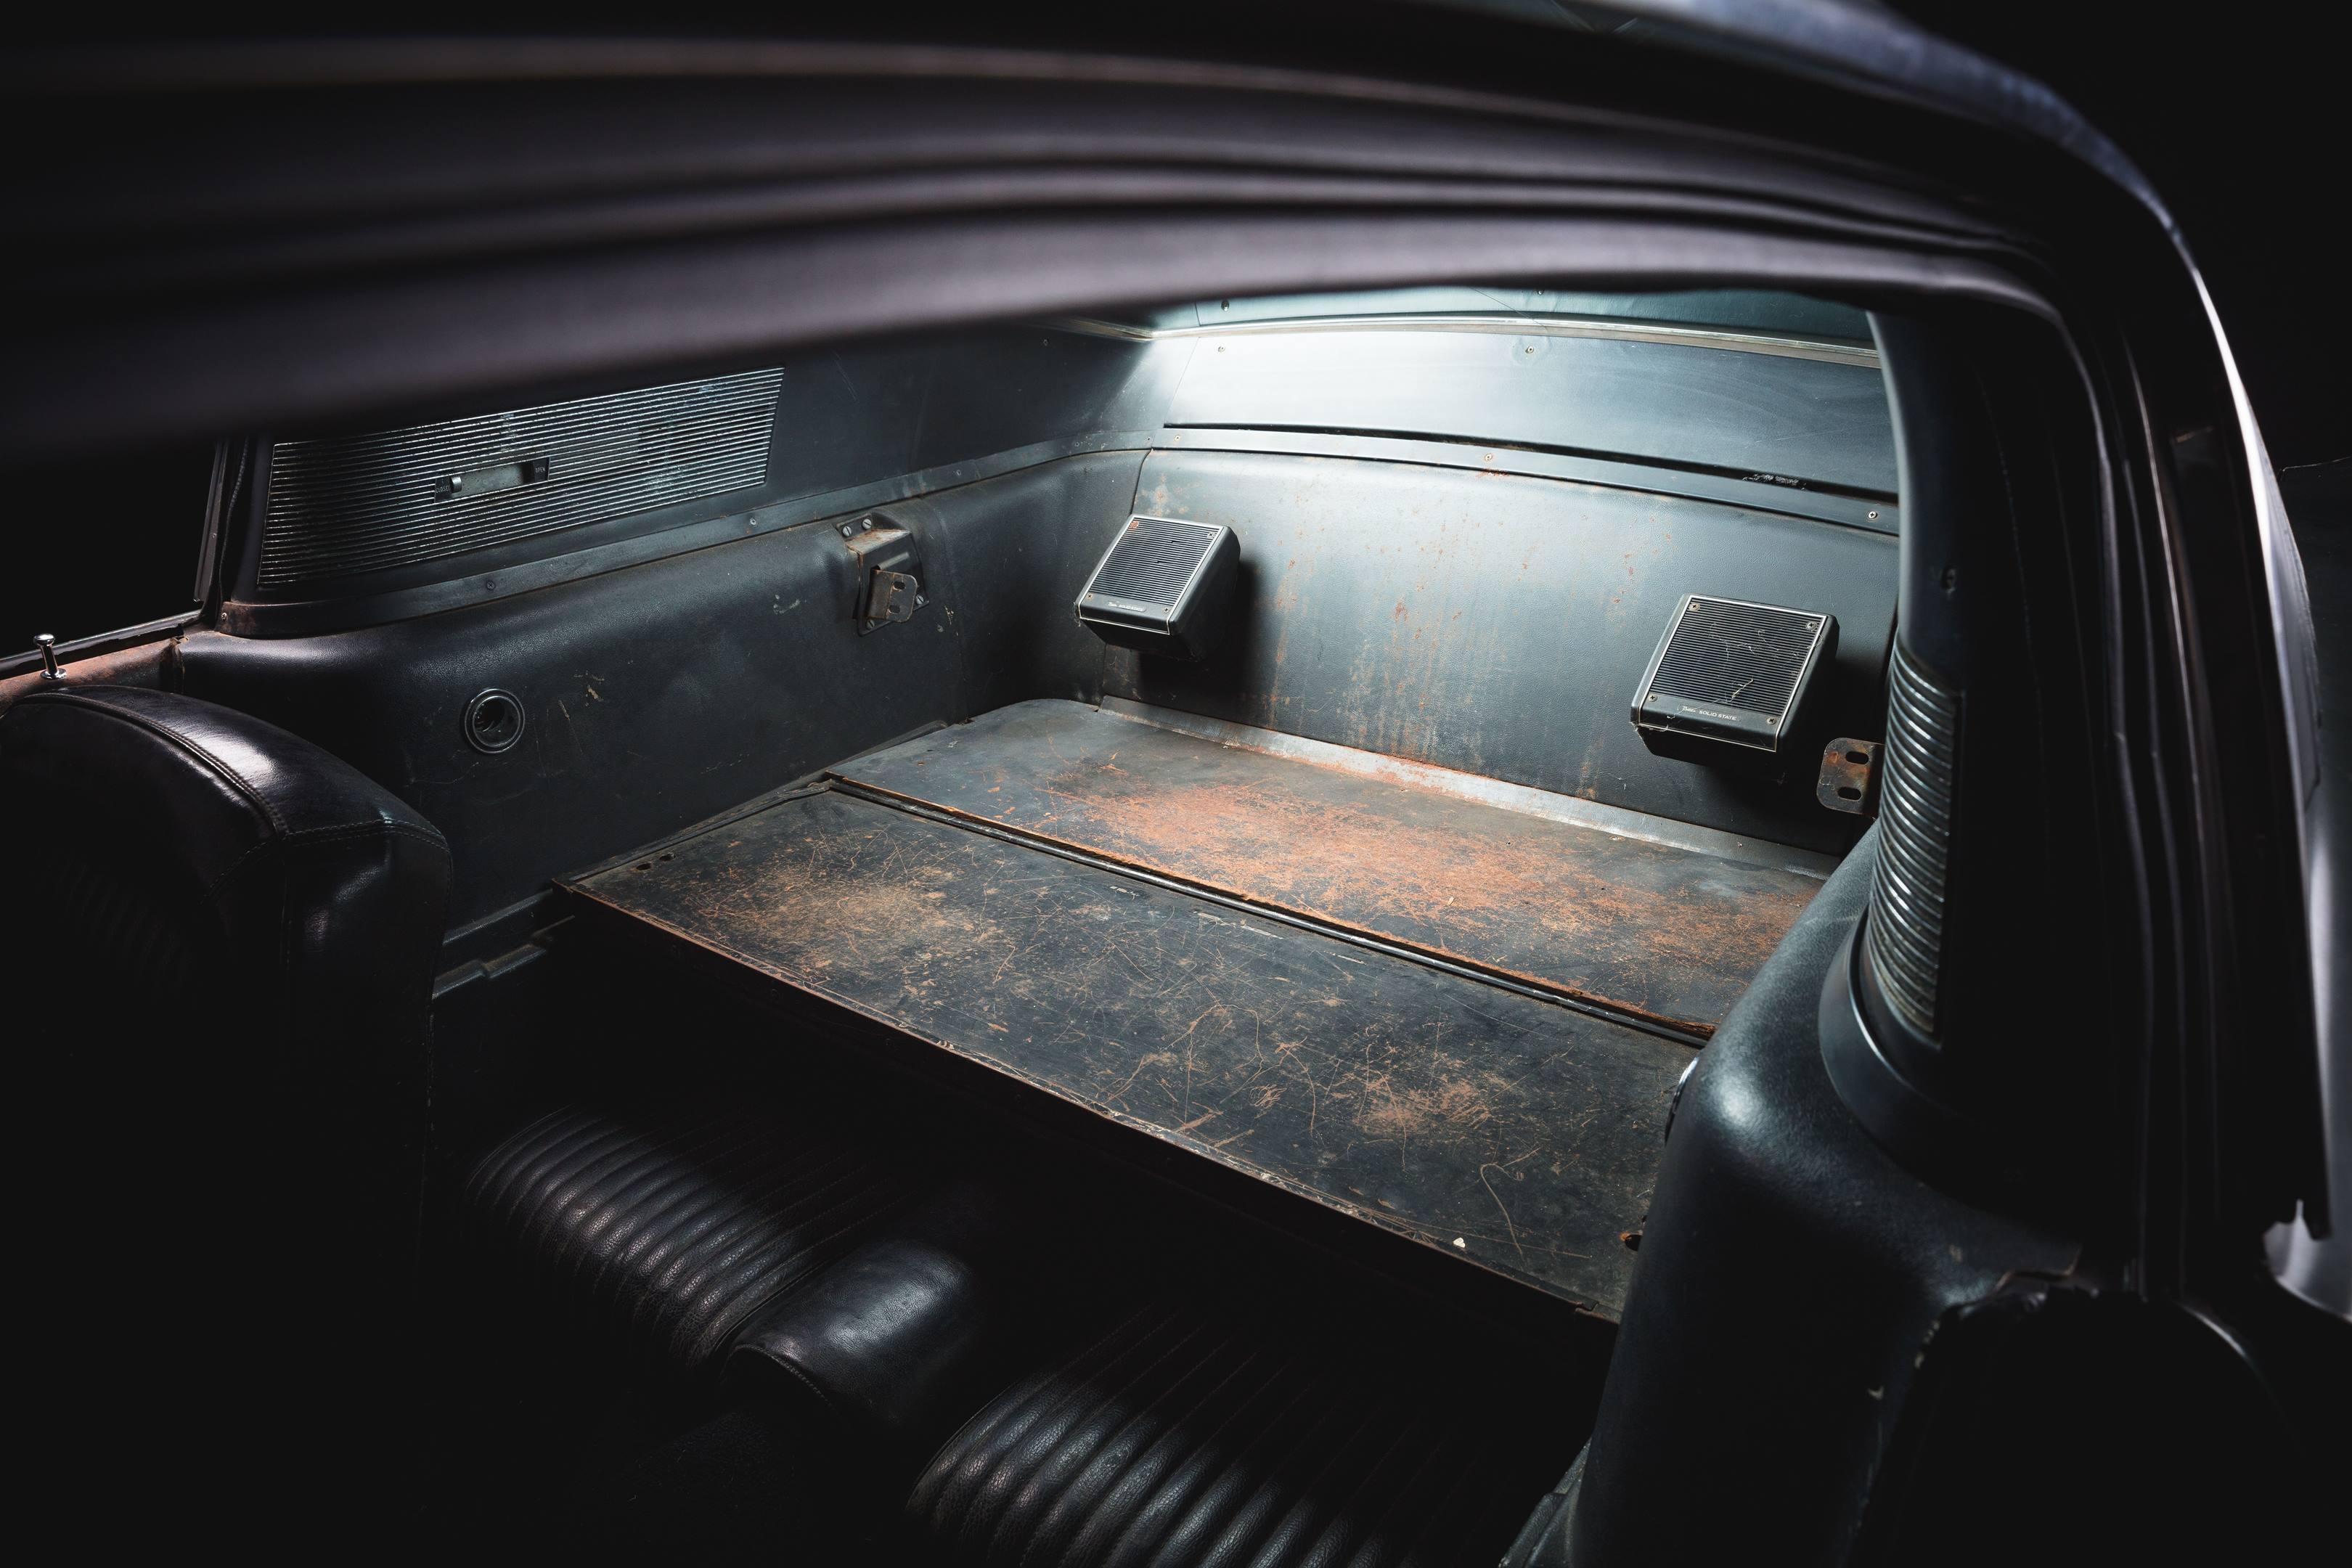 Bullitt Mustang speakers